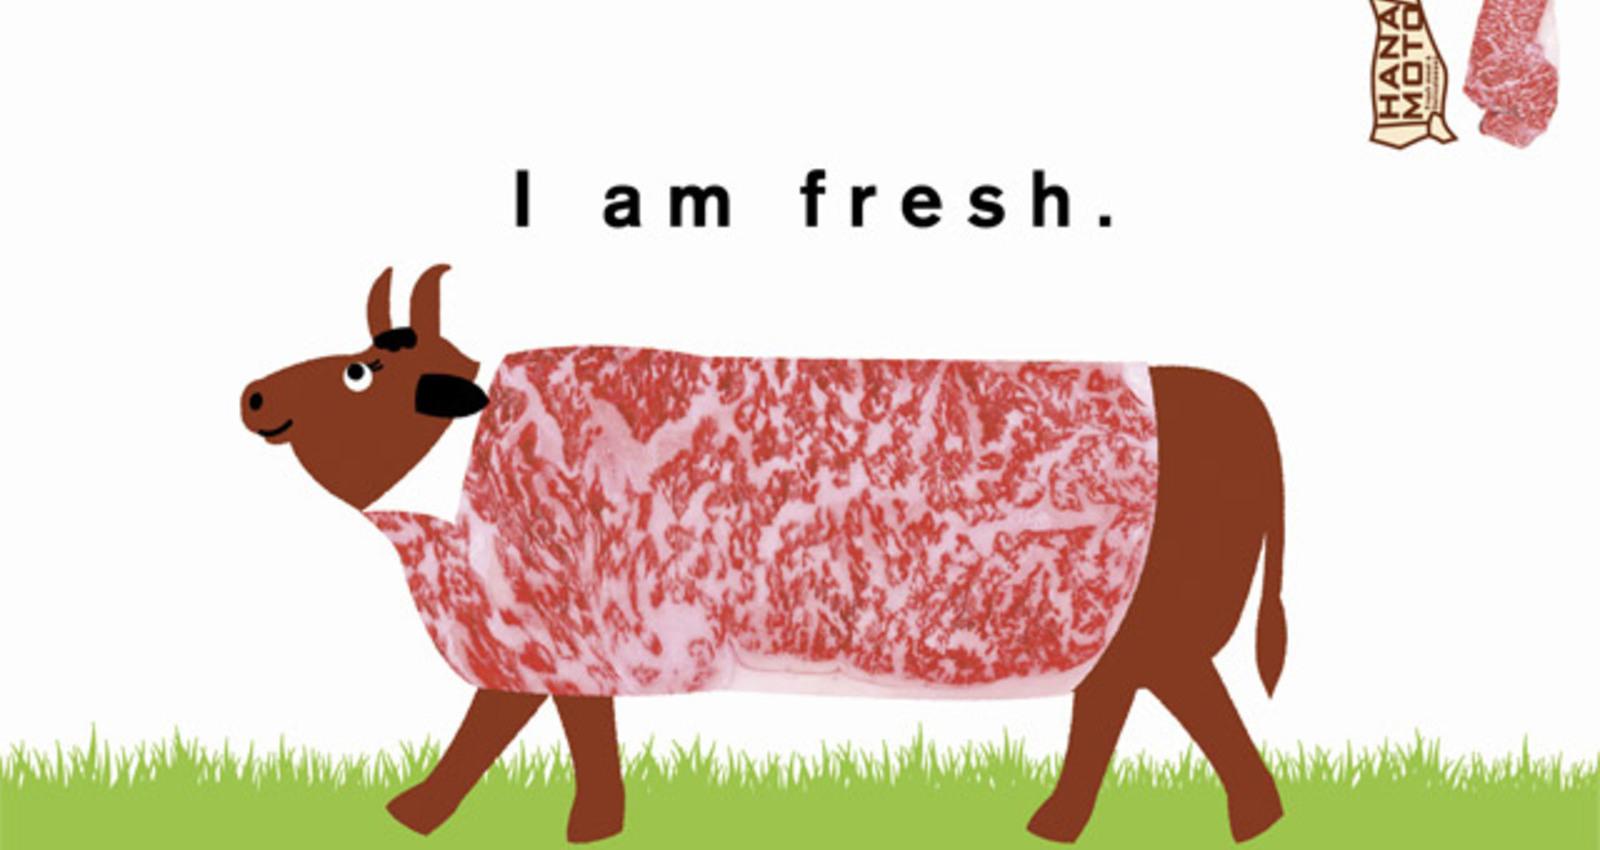 I am fresh.